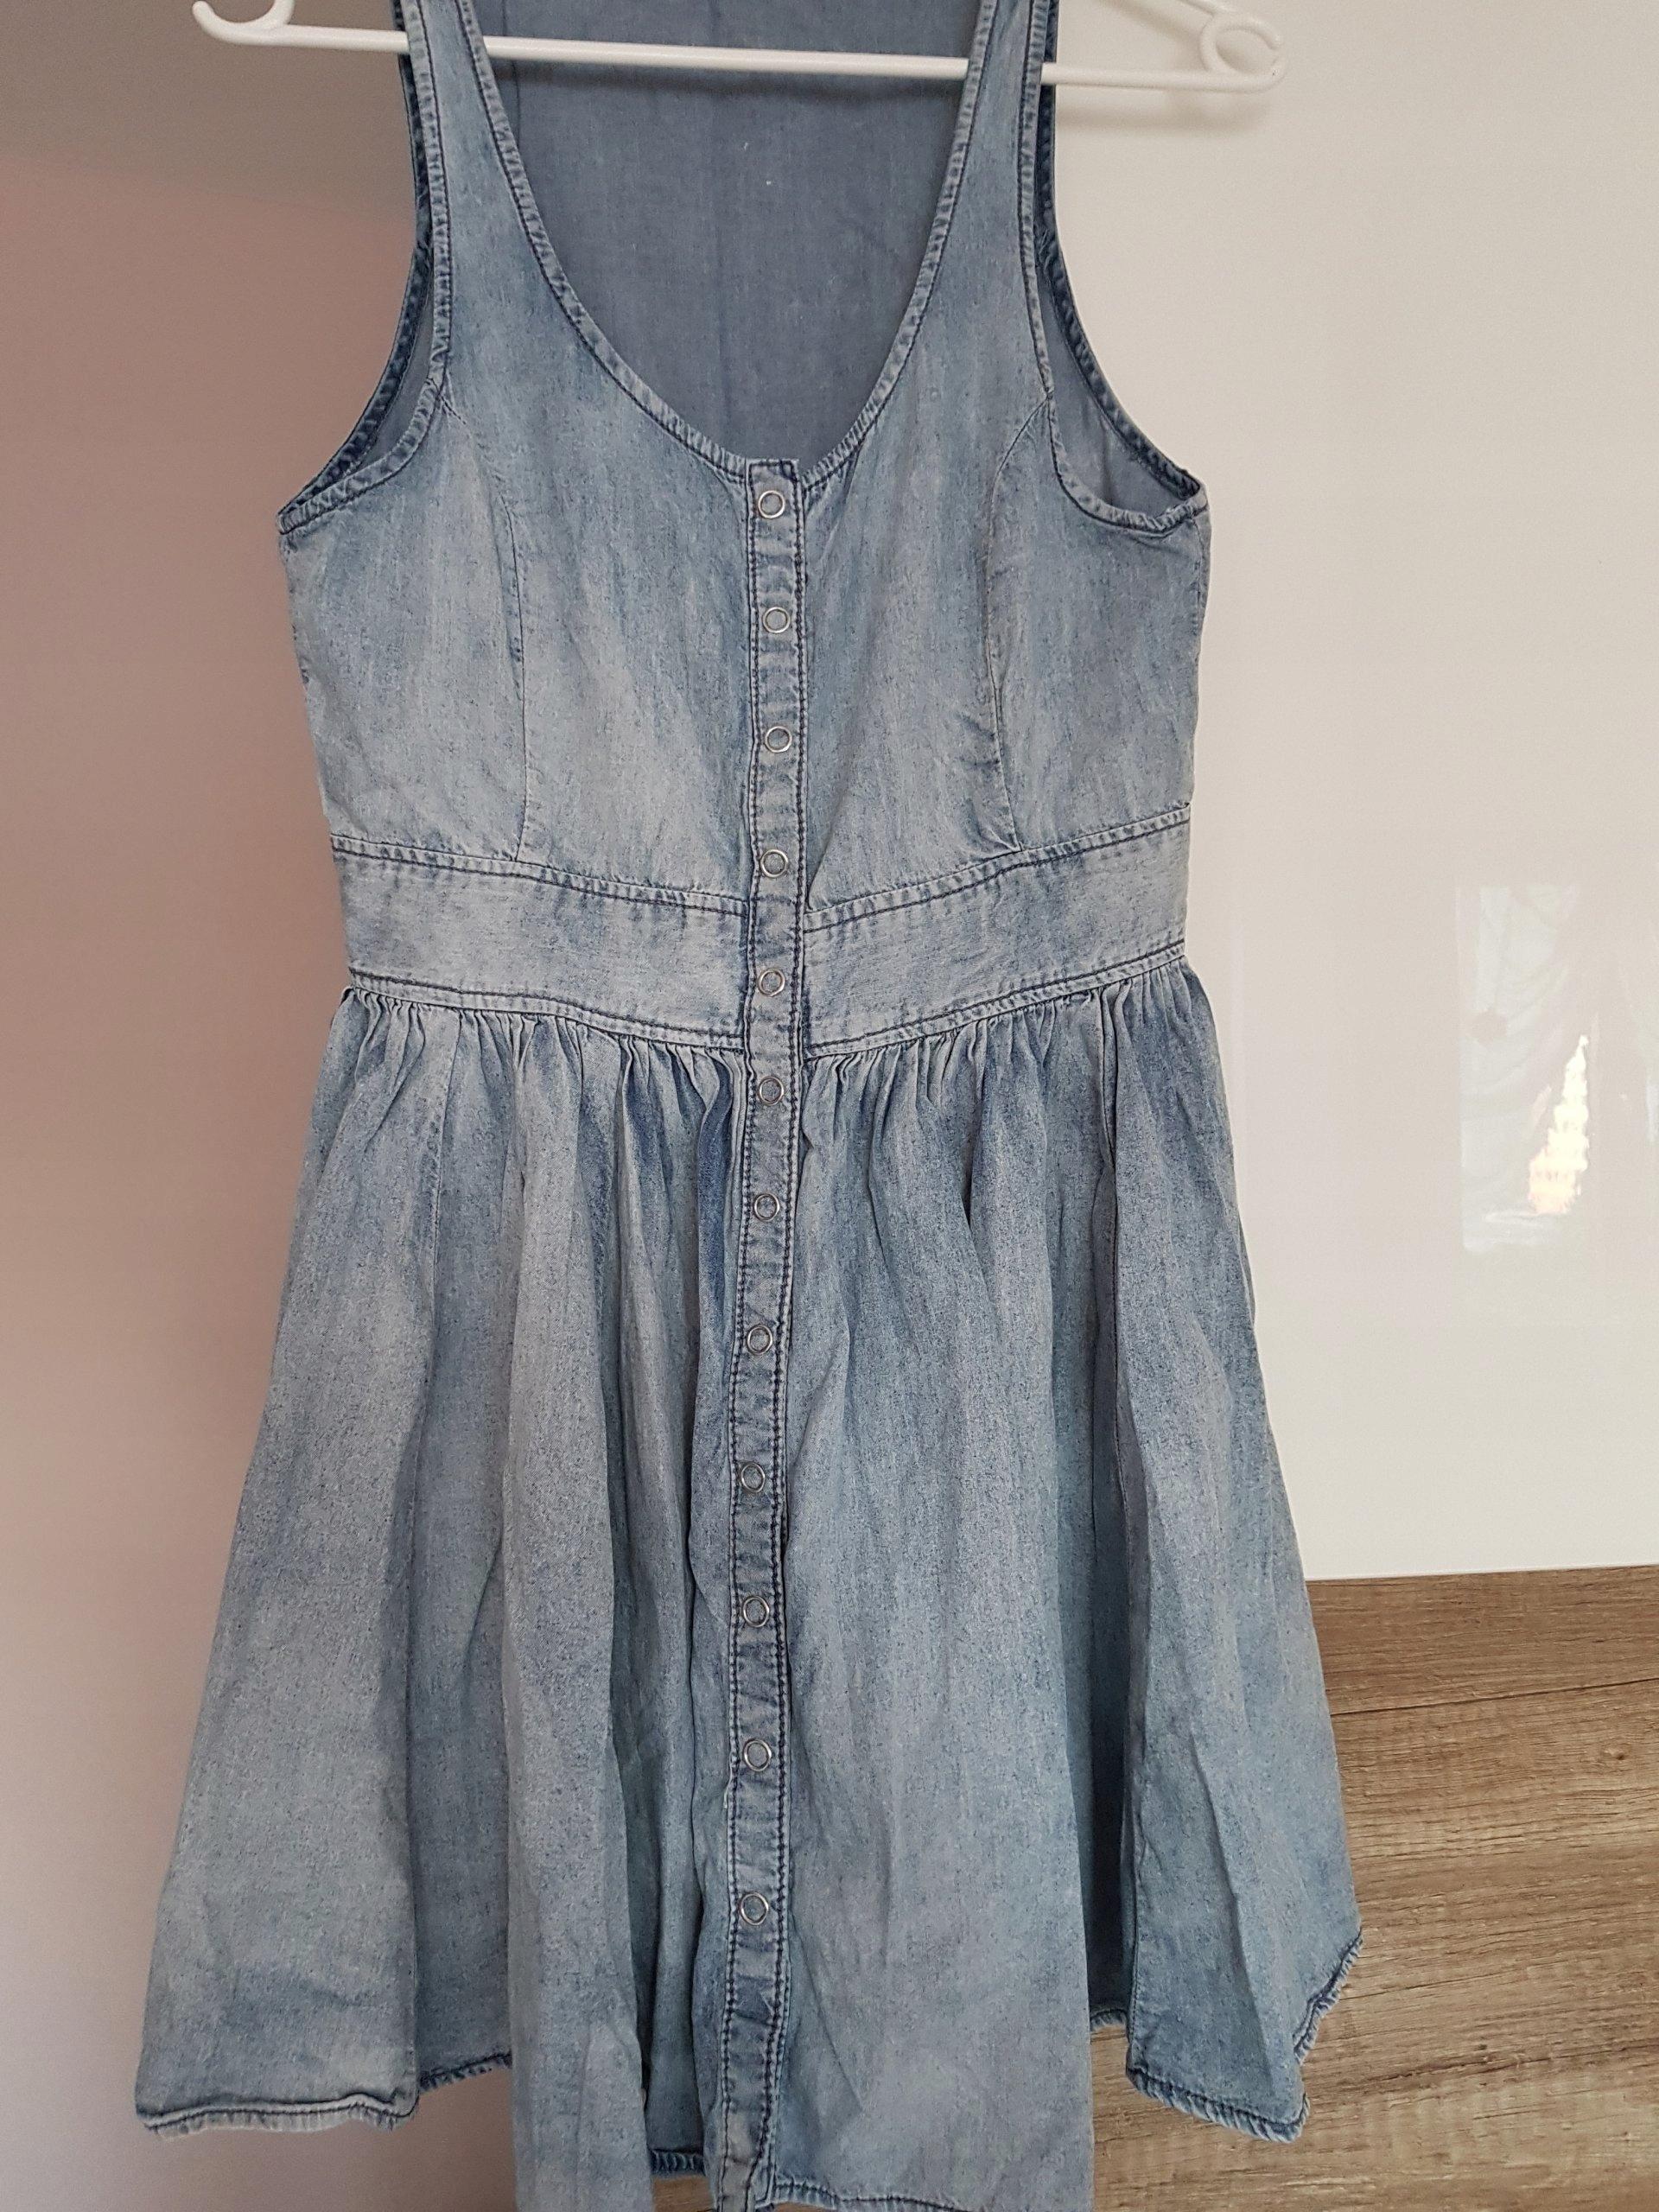 9093ecf4a2 Sukienka jeansowa H M S rozkloszowana LATO - 7480085406 - oficjalne ...